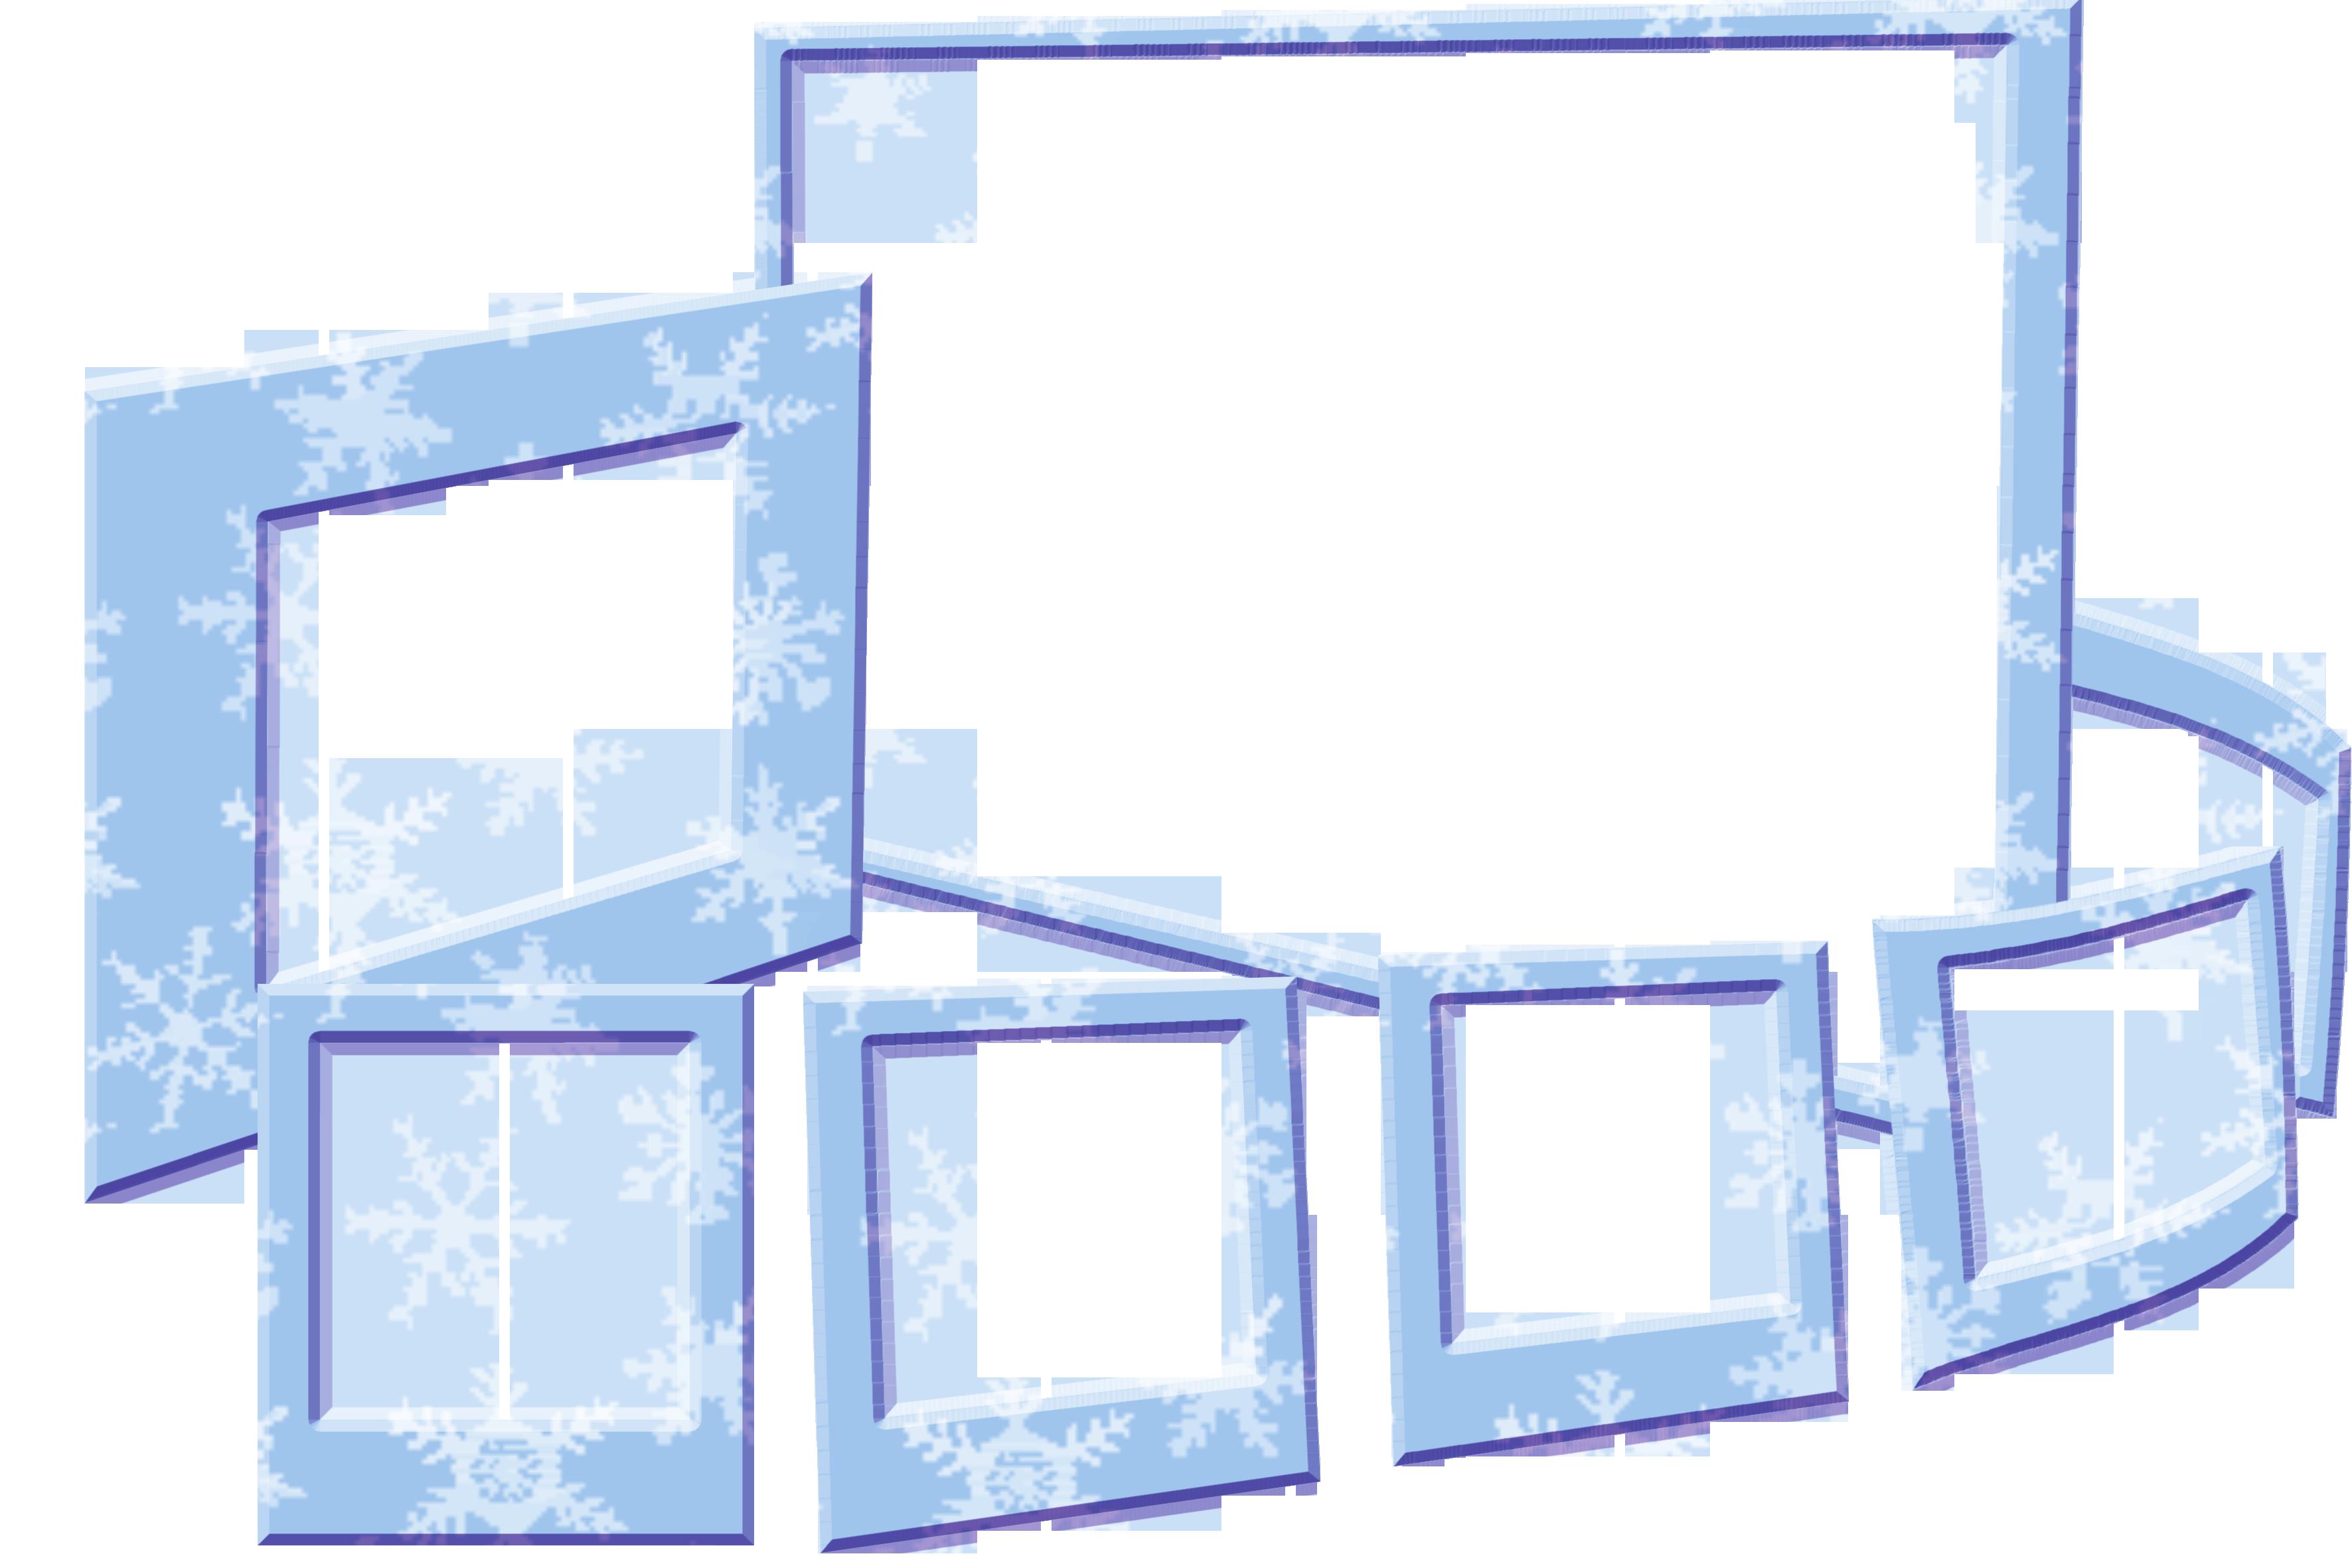 Как сделать такую же рамку и фон